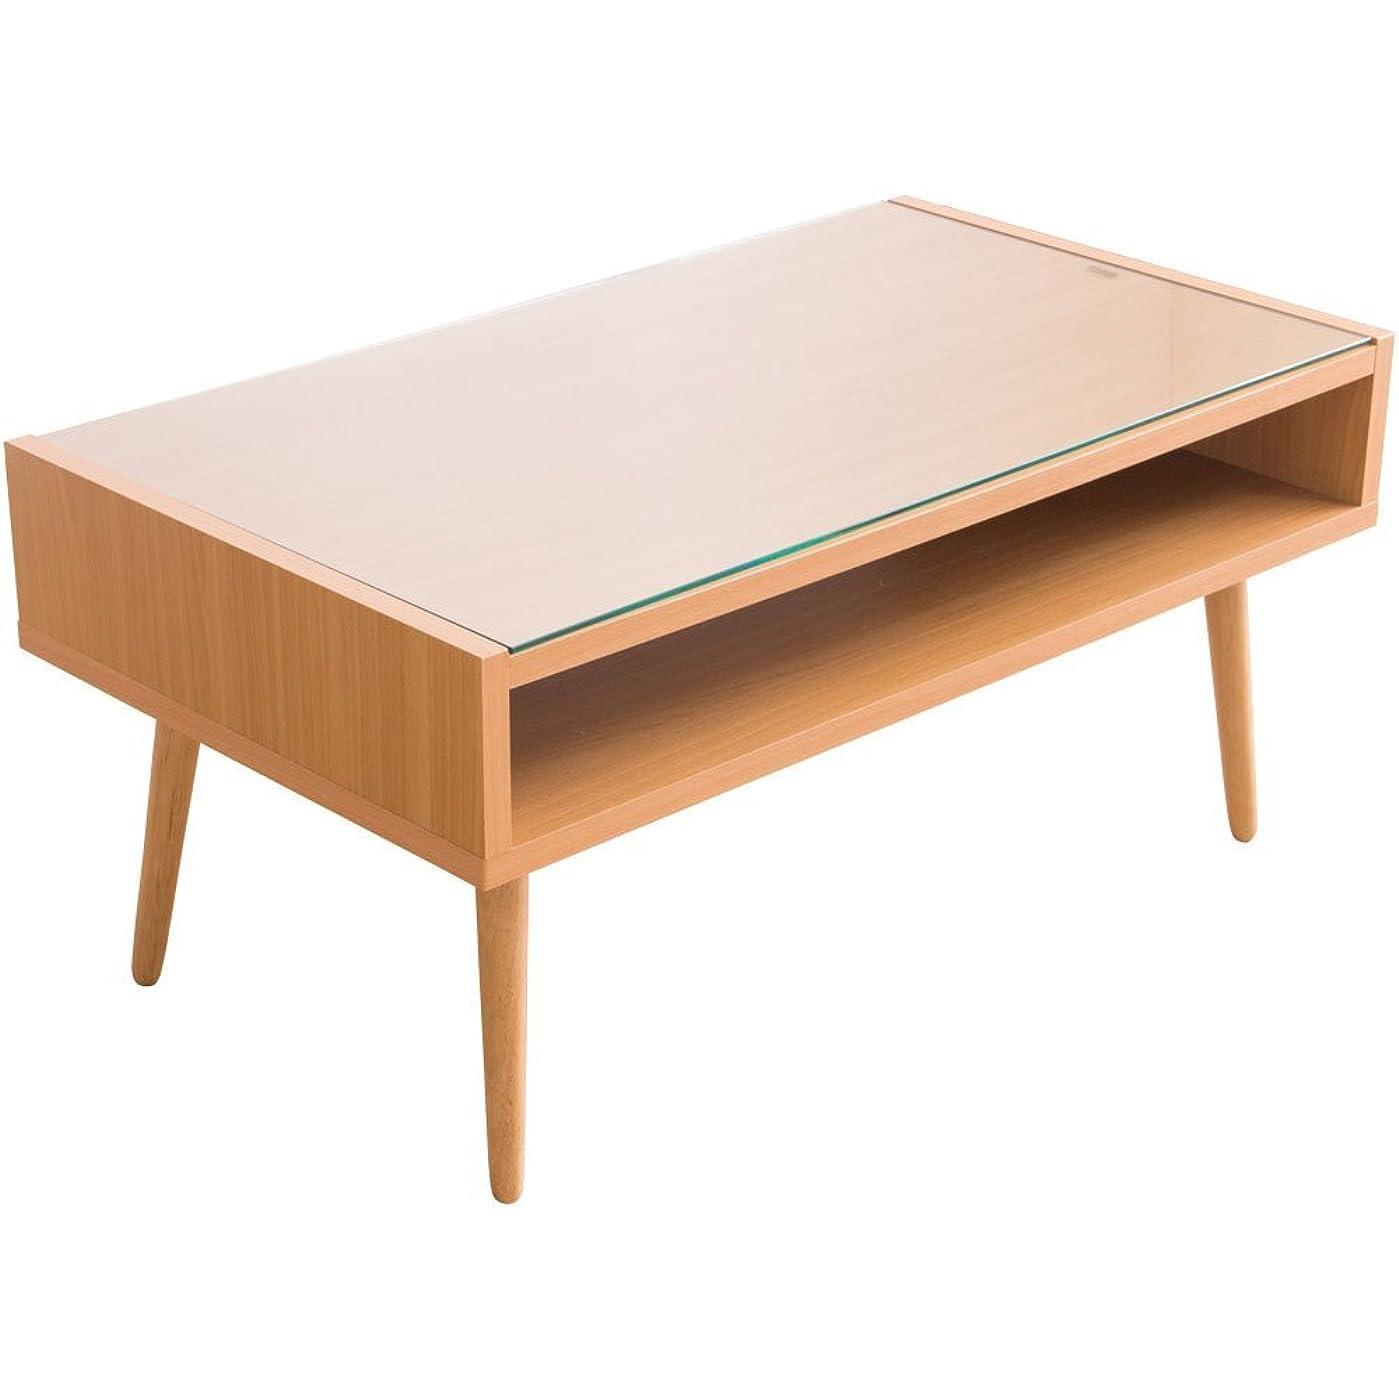 誇りに思う悪党ストロークアイリスプラザ テーブル ローテーブル ガラス天板 収納 ディスプレイ ナチュラル (約)幅80×奥45×高38cm CNMNTBLNA